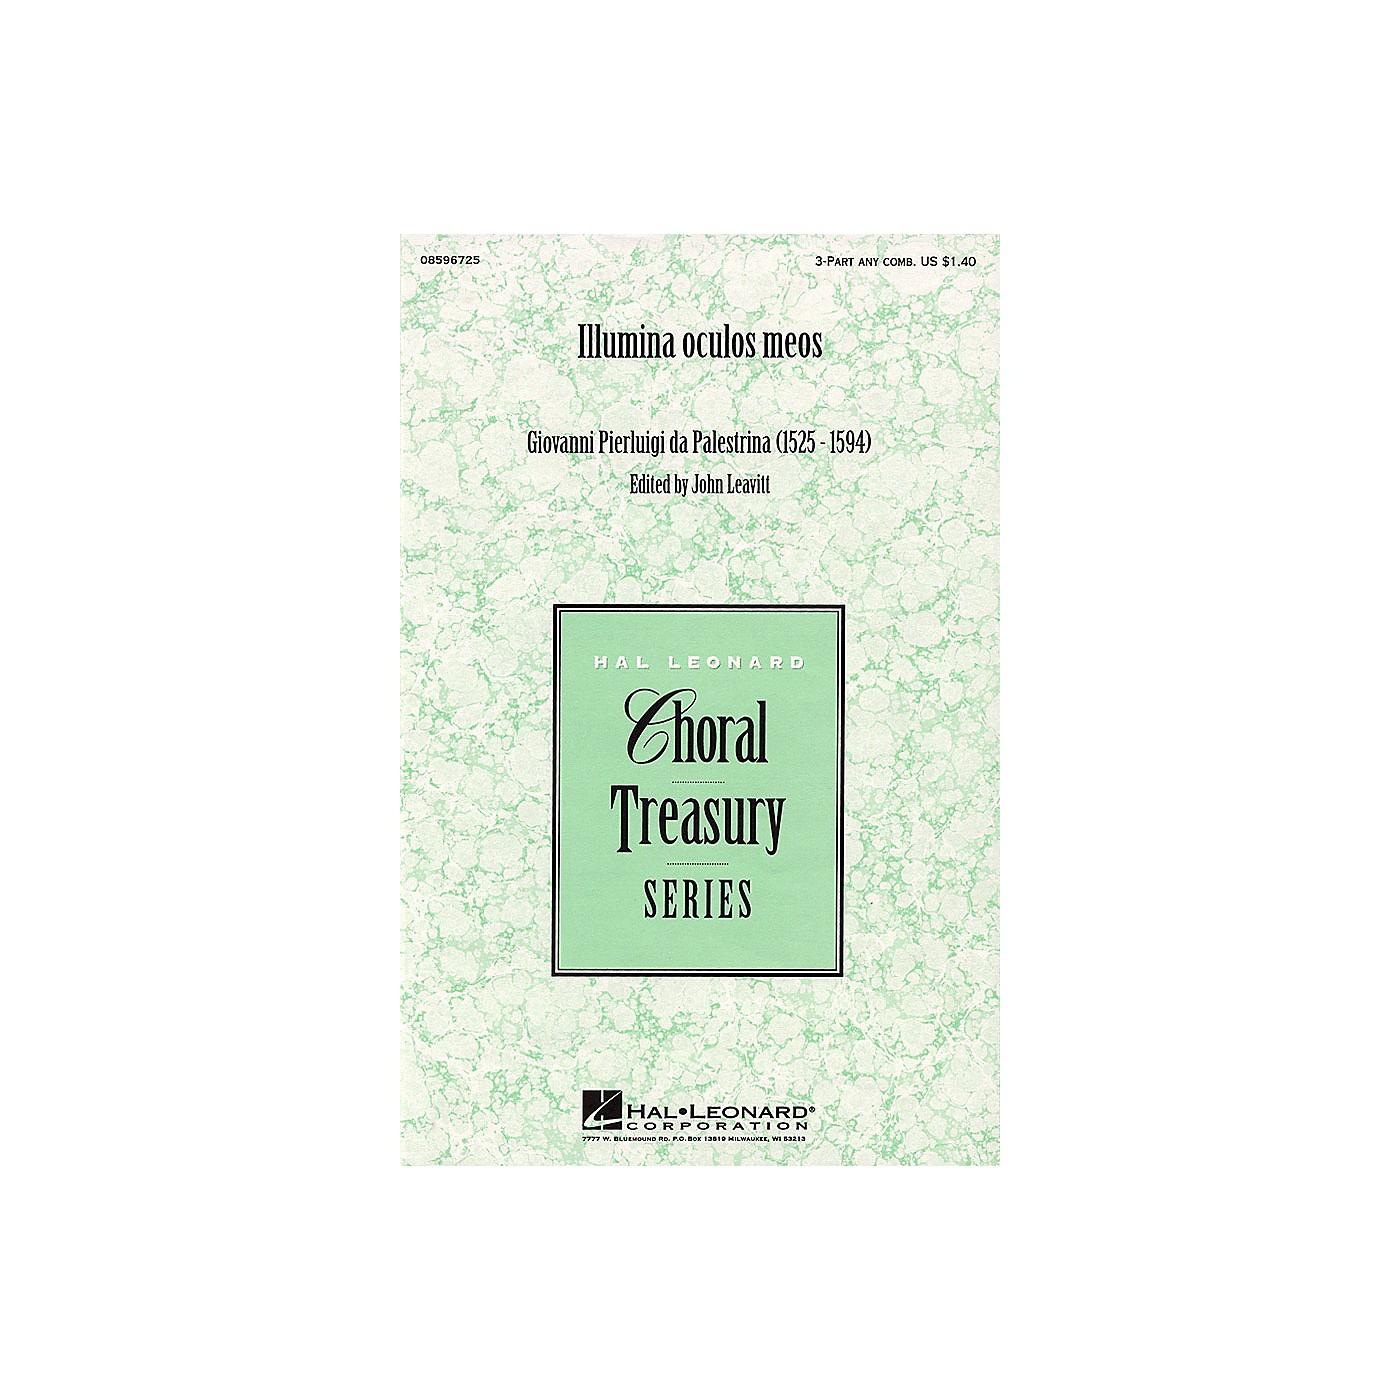 Hal Leonard Illumina oculos meos 3 Part Any Combination arranged by John Leavitt thumbnail